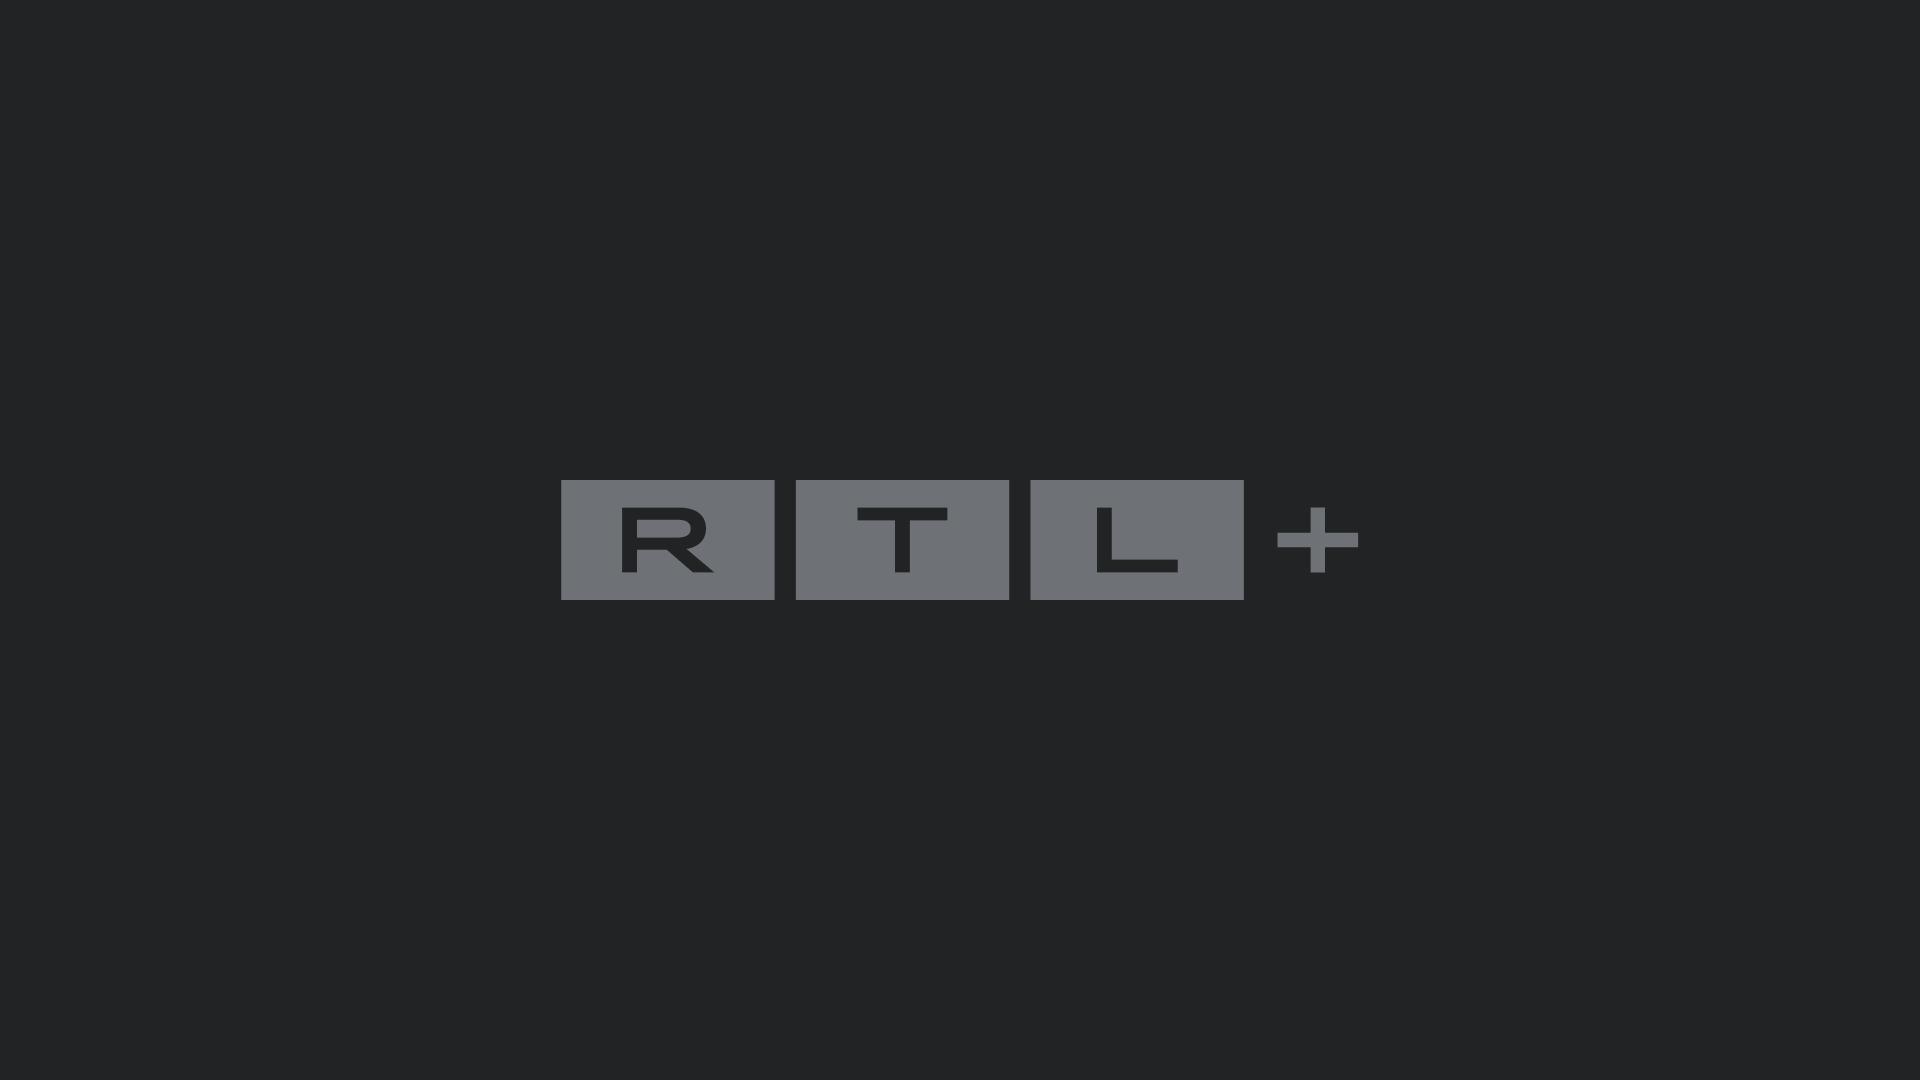 Aische tauscht mit Ria | Folge 341